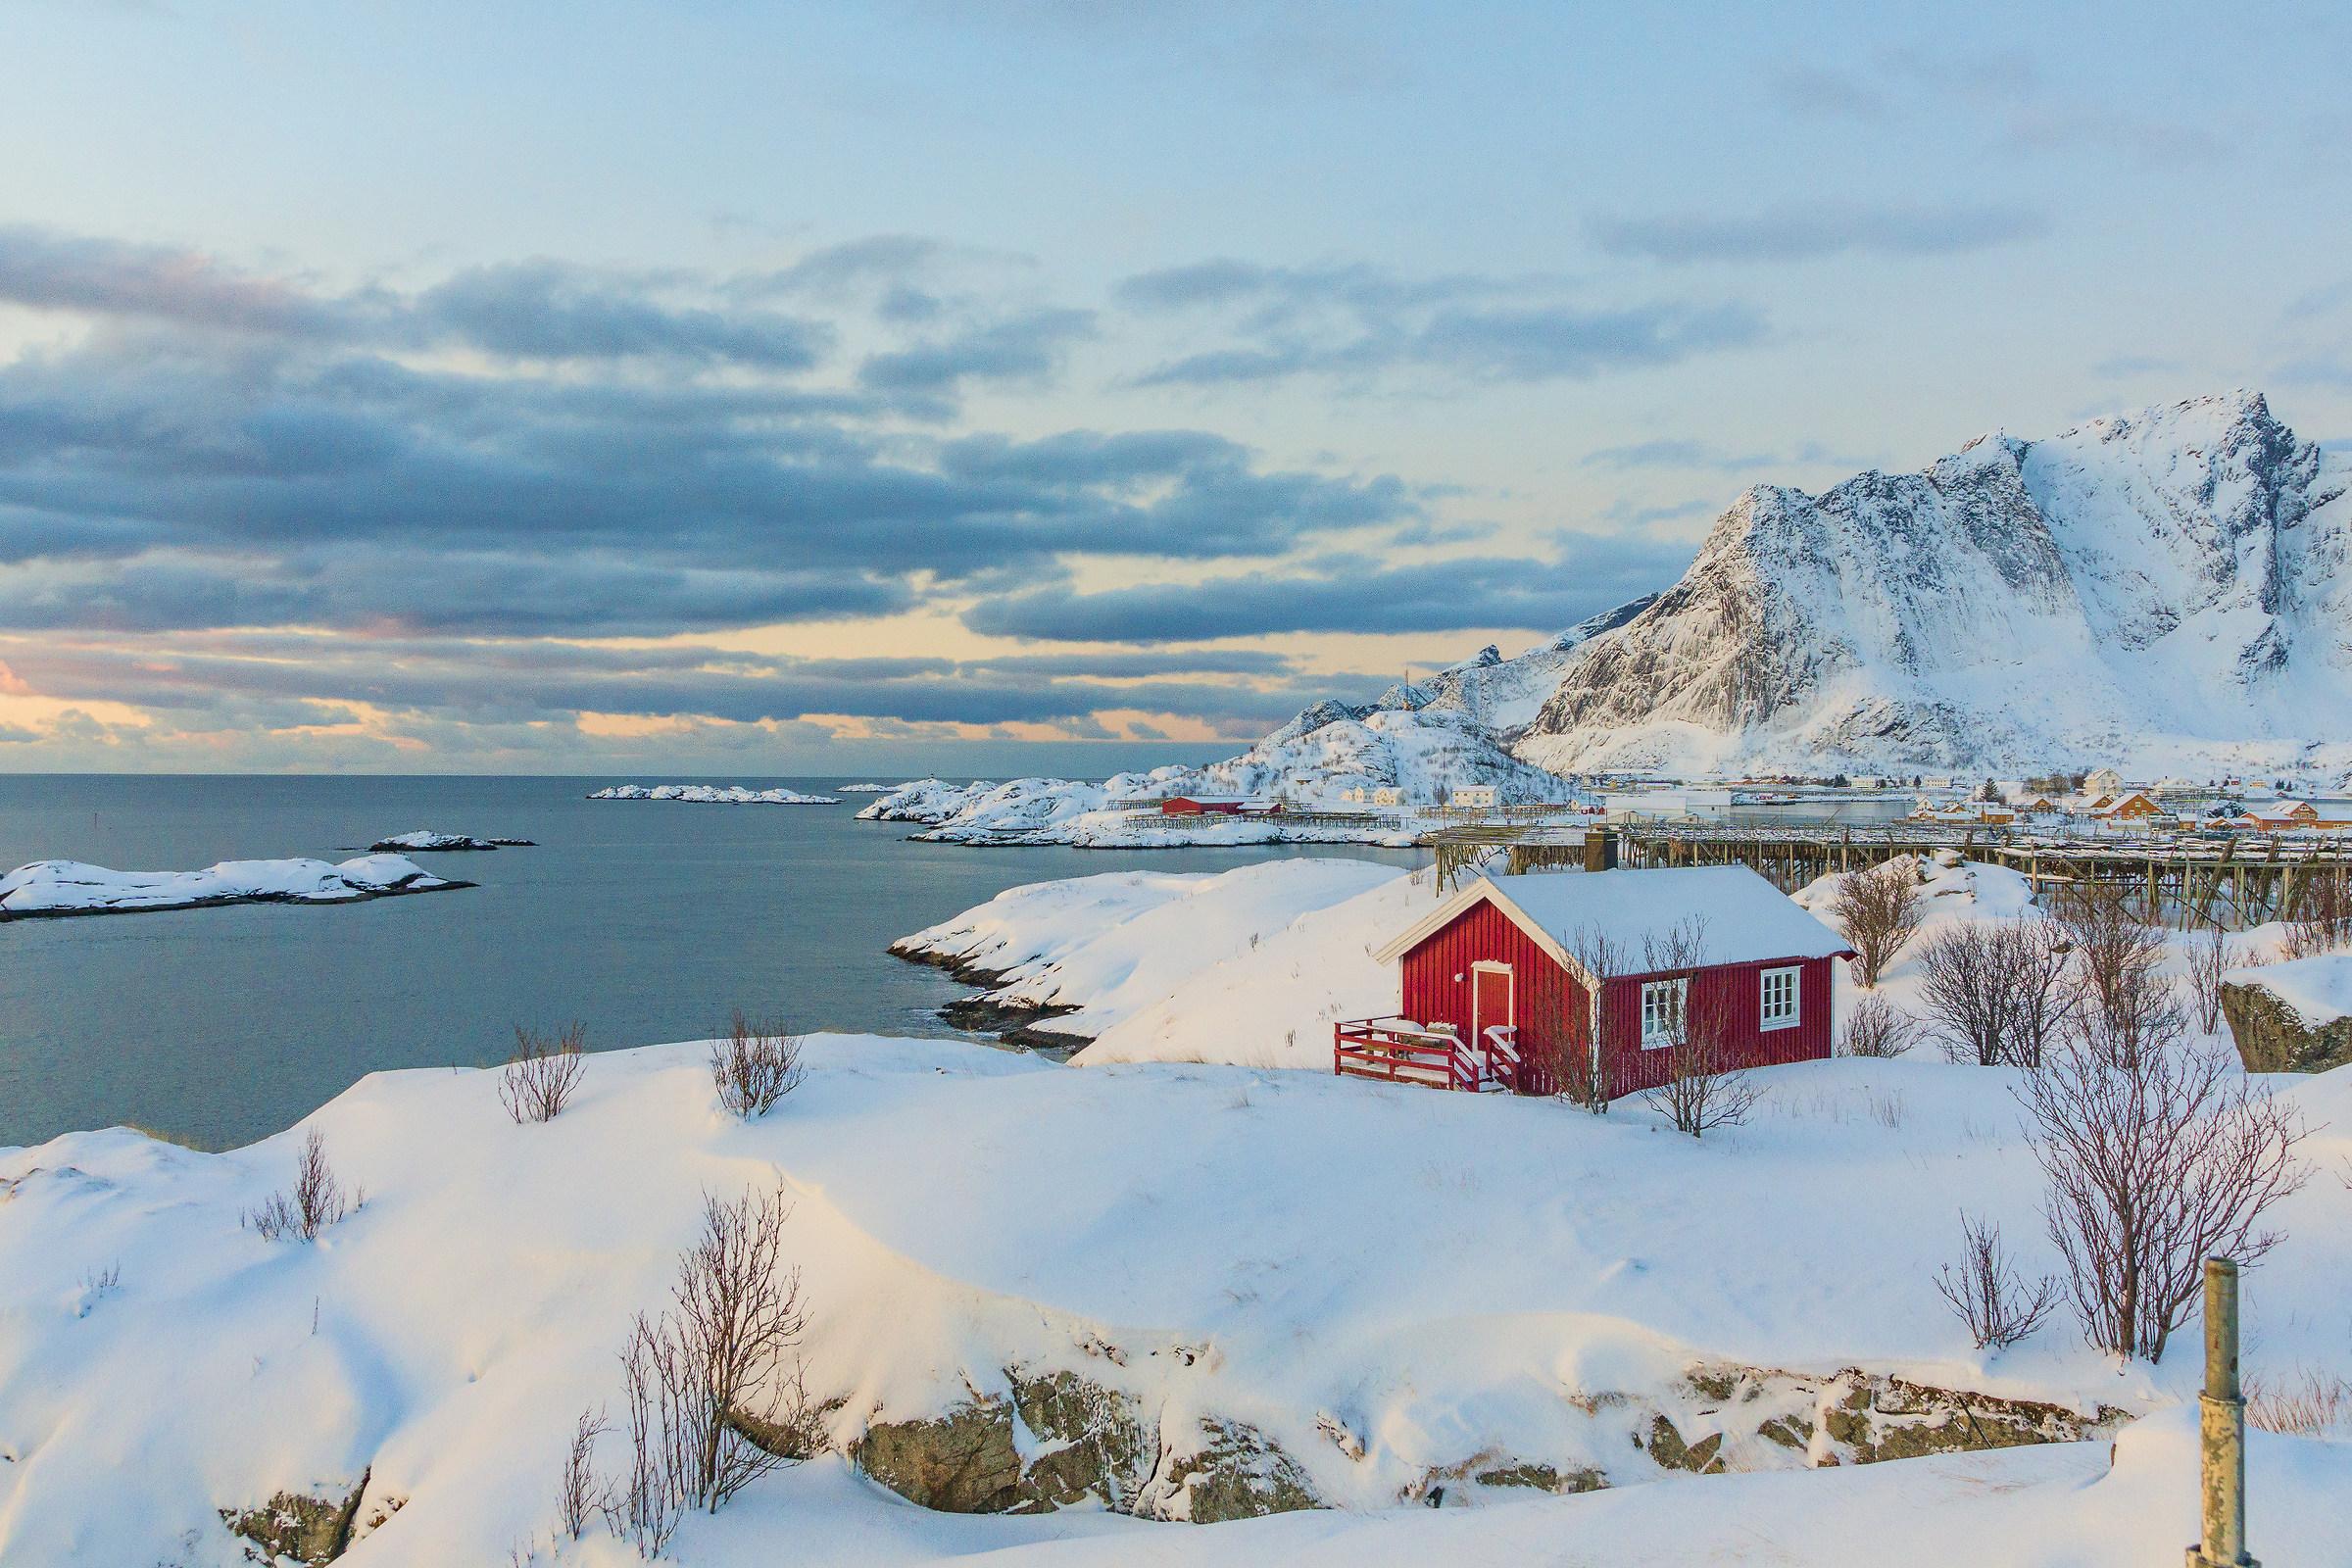 Hamnoy Isole Lofoten Norvegia...